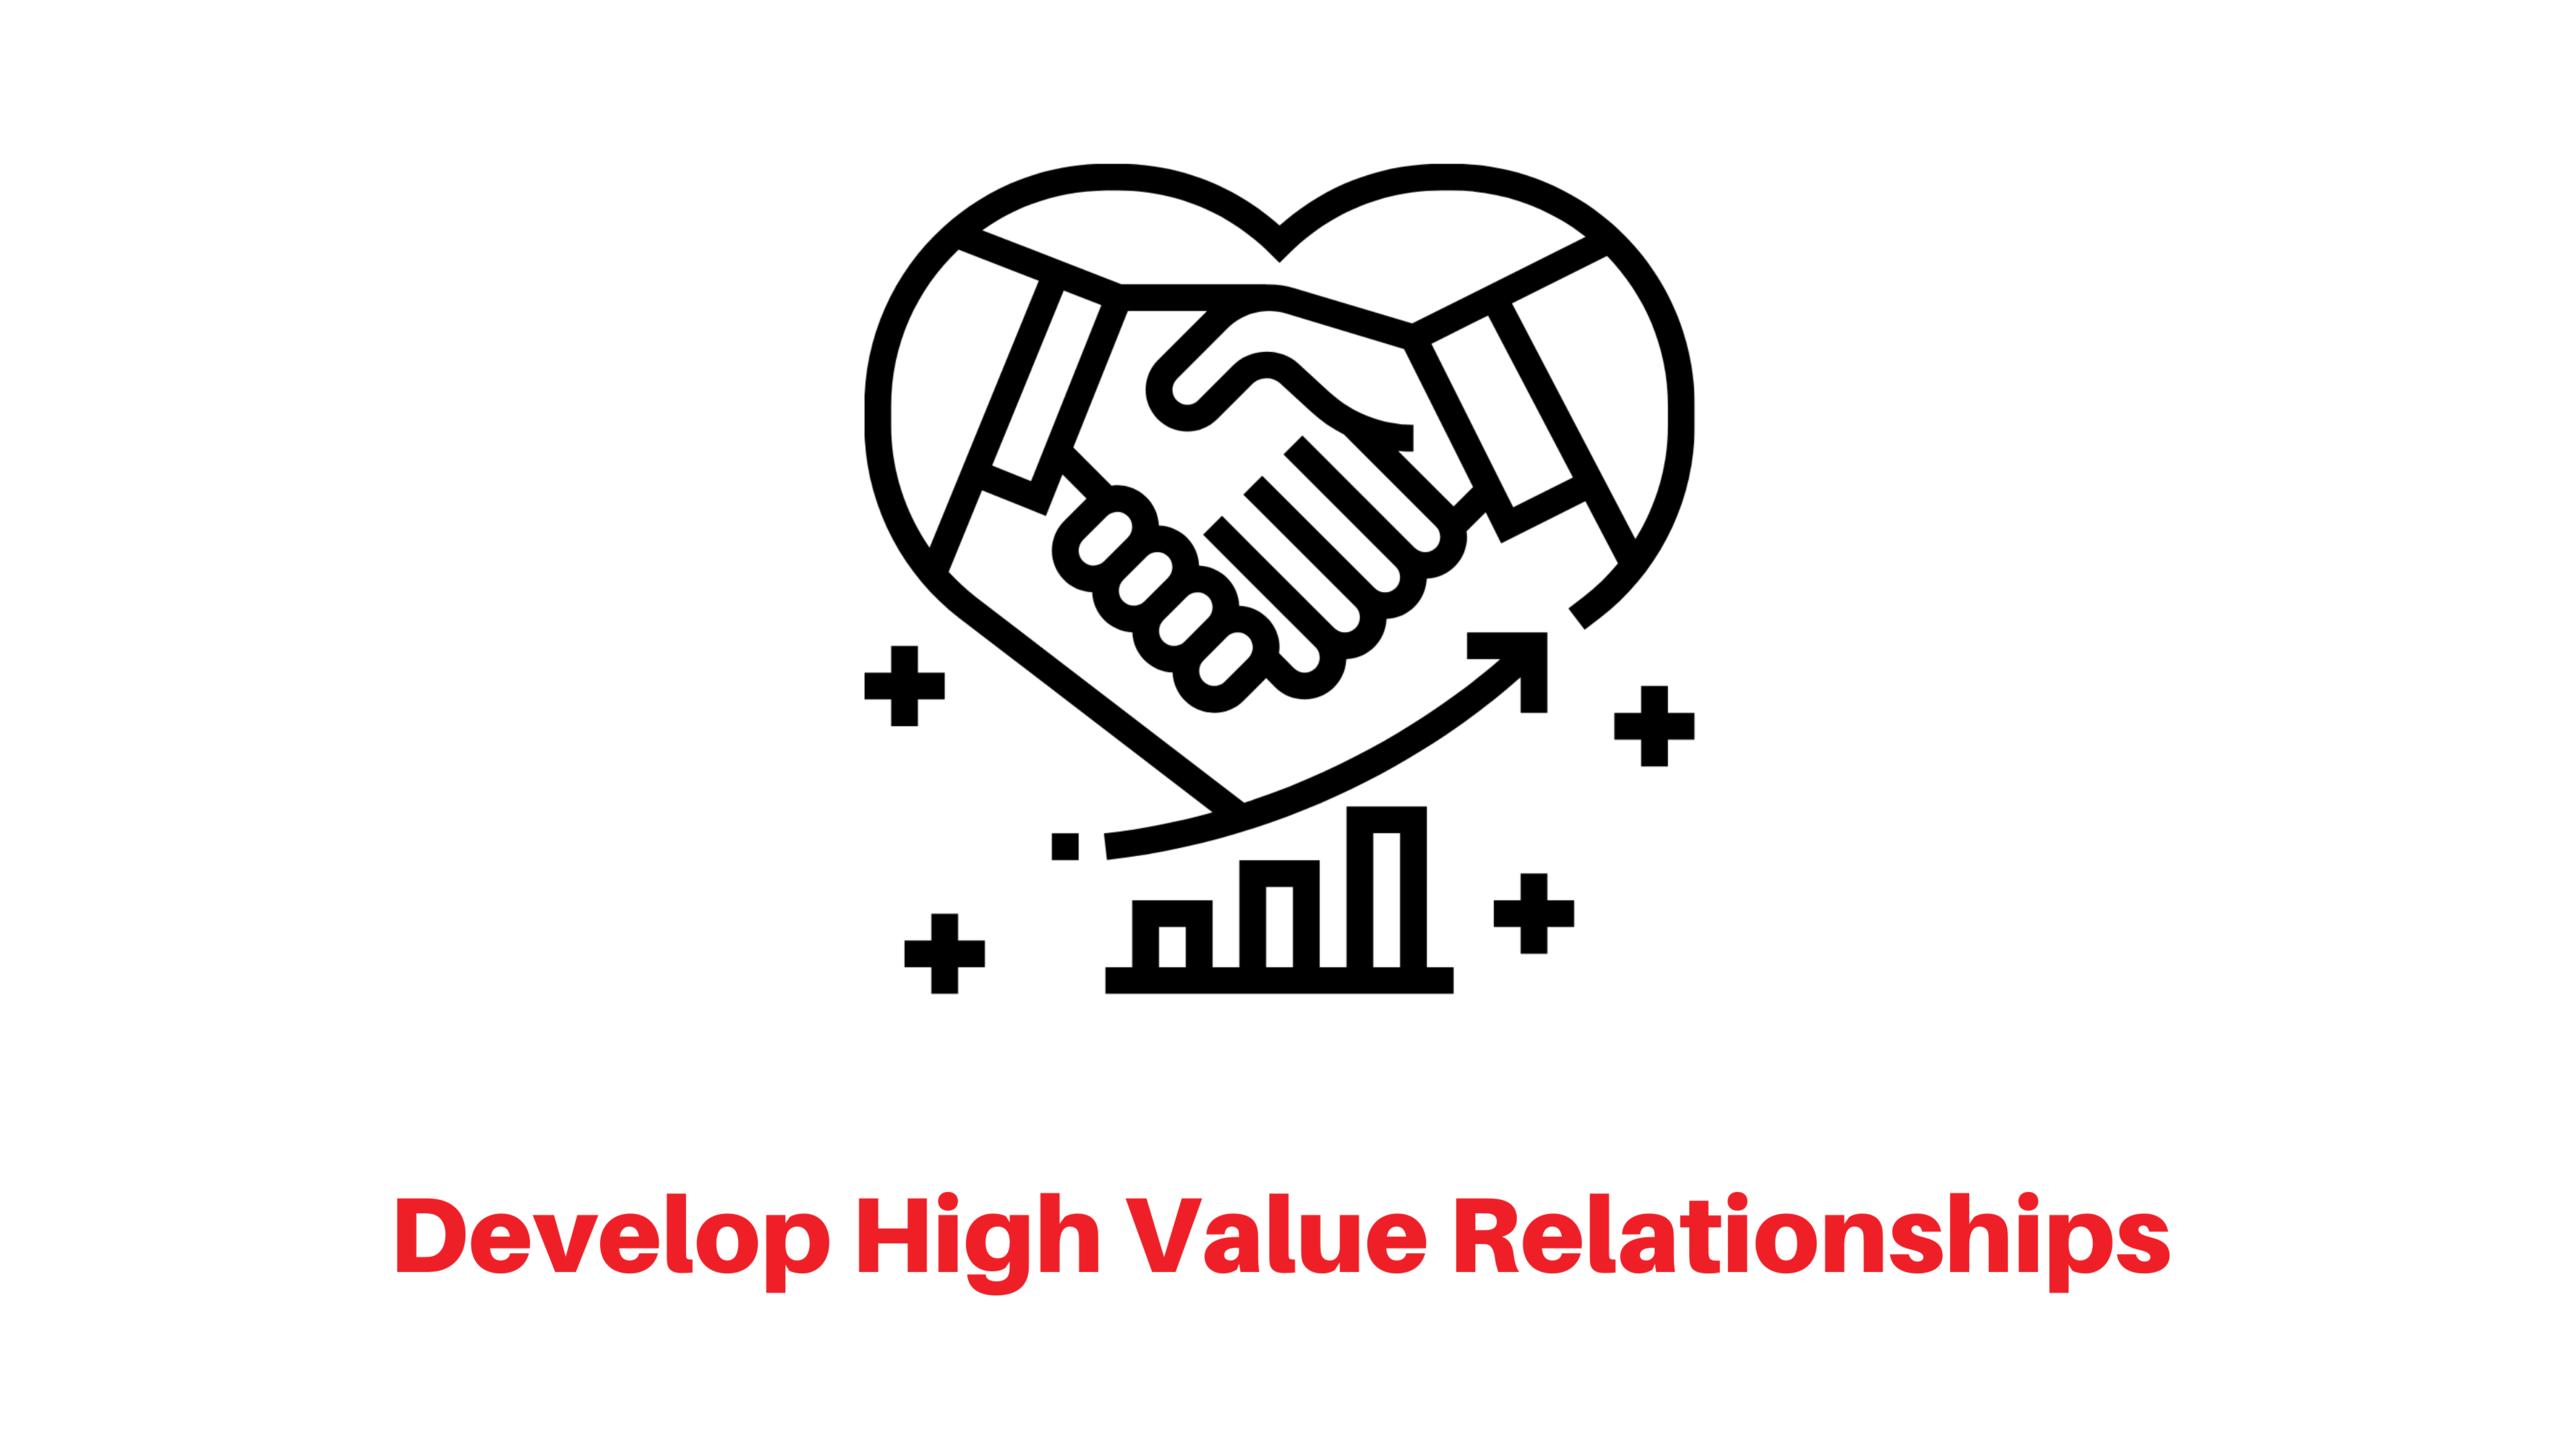 Develop high value relationships